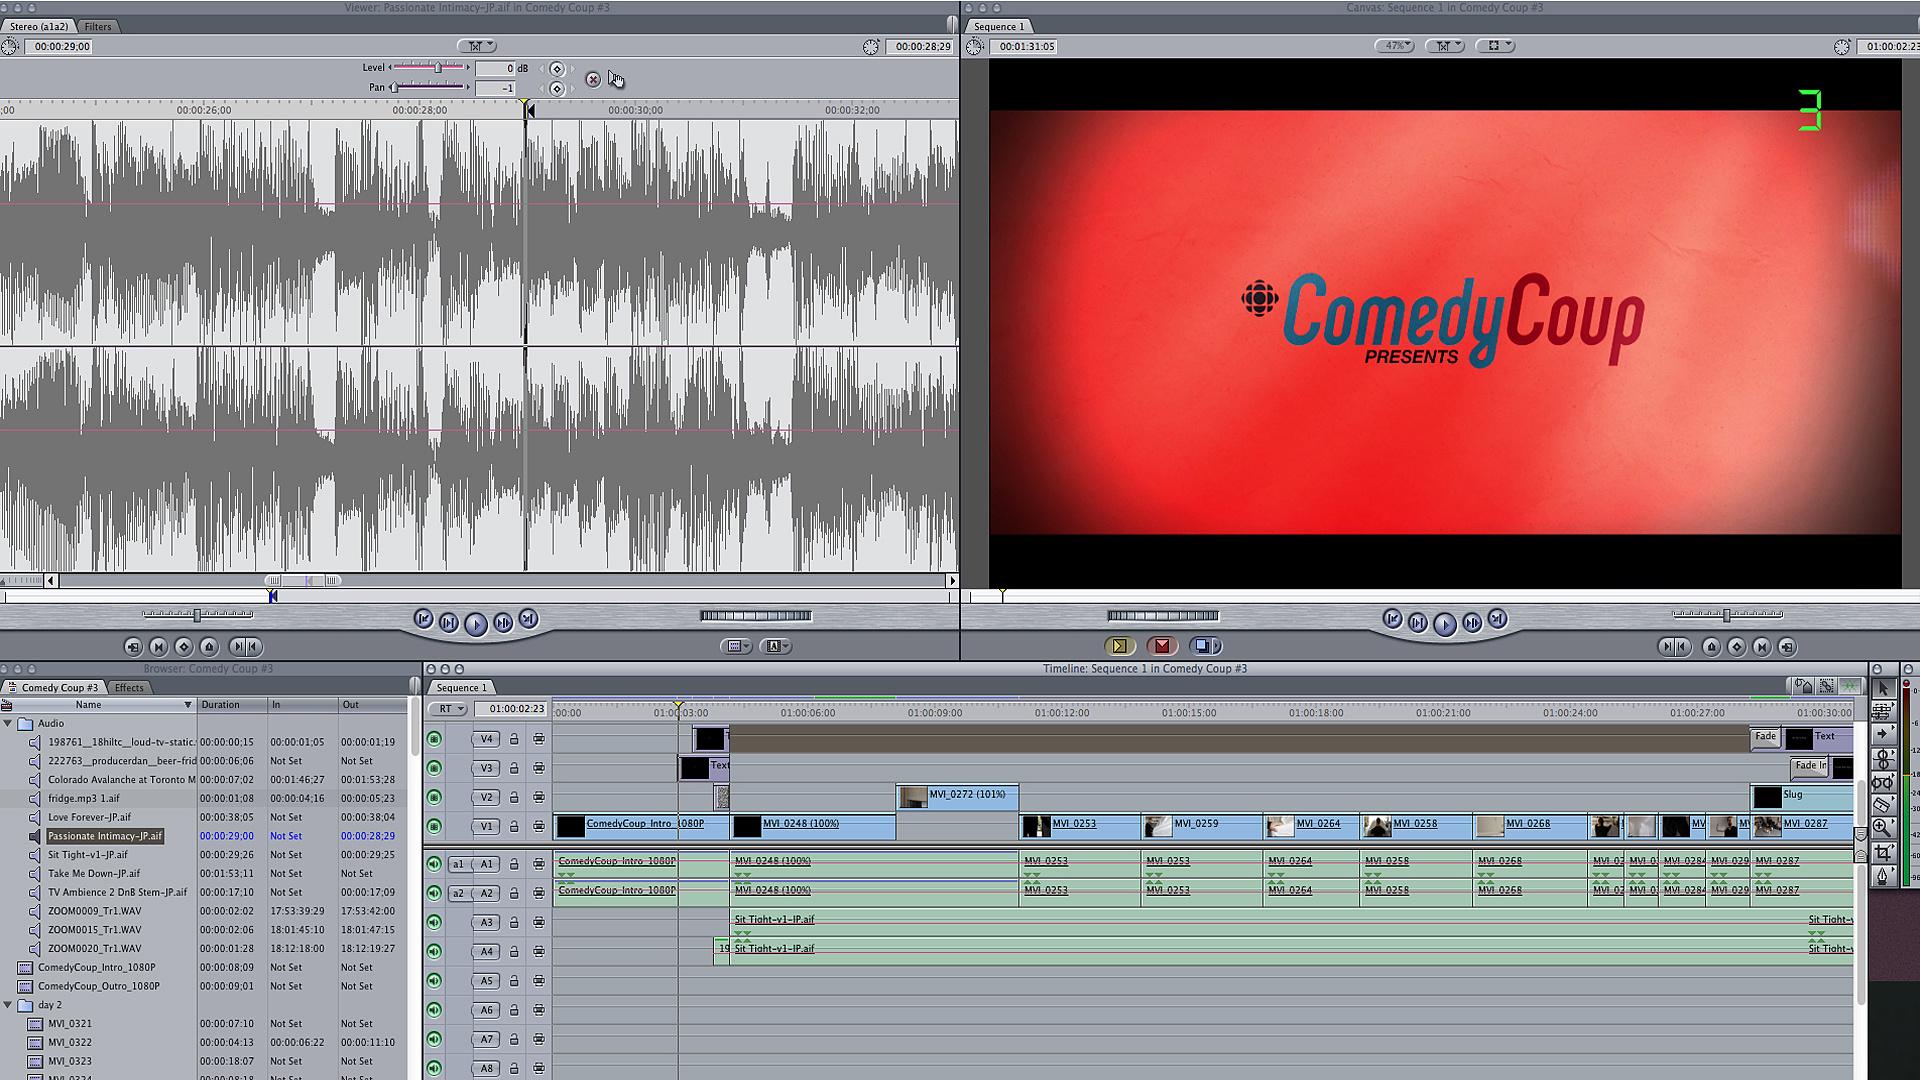 Editing and editing and editing